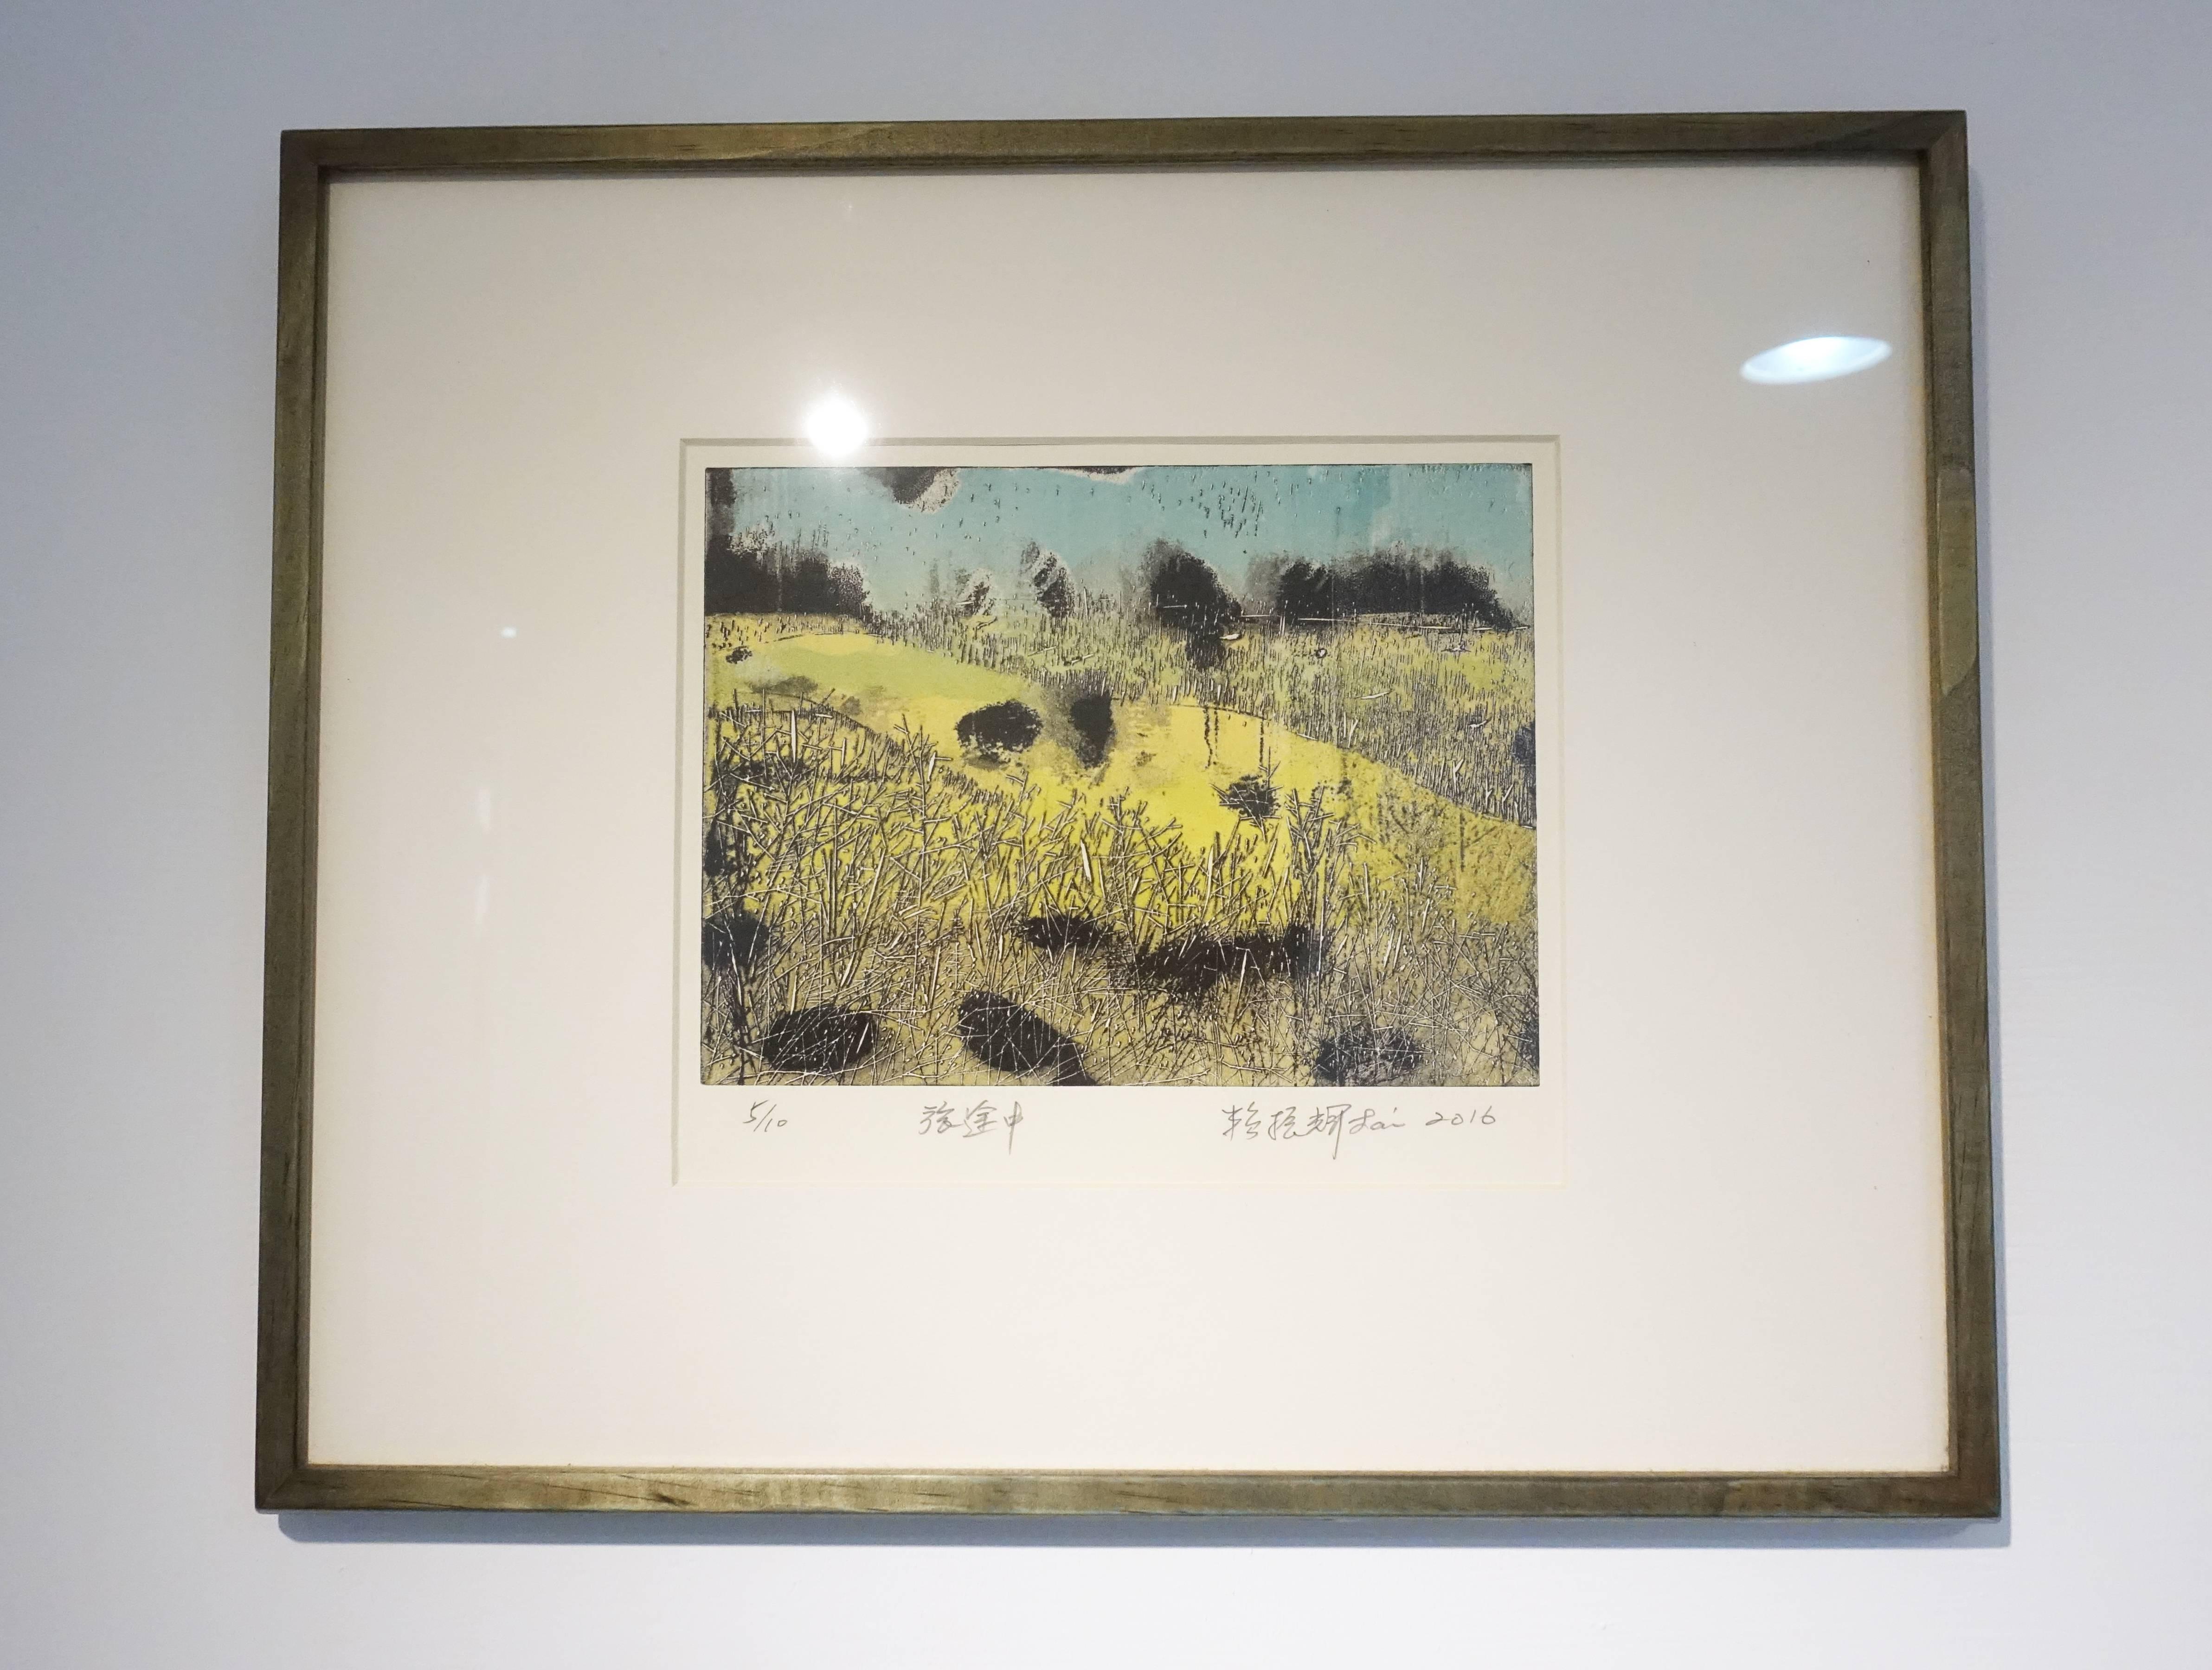 賴振輝,《旅途中》,15 x 20 cm,5/10,併用版,2016。